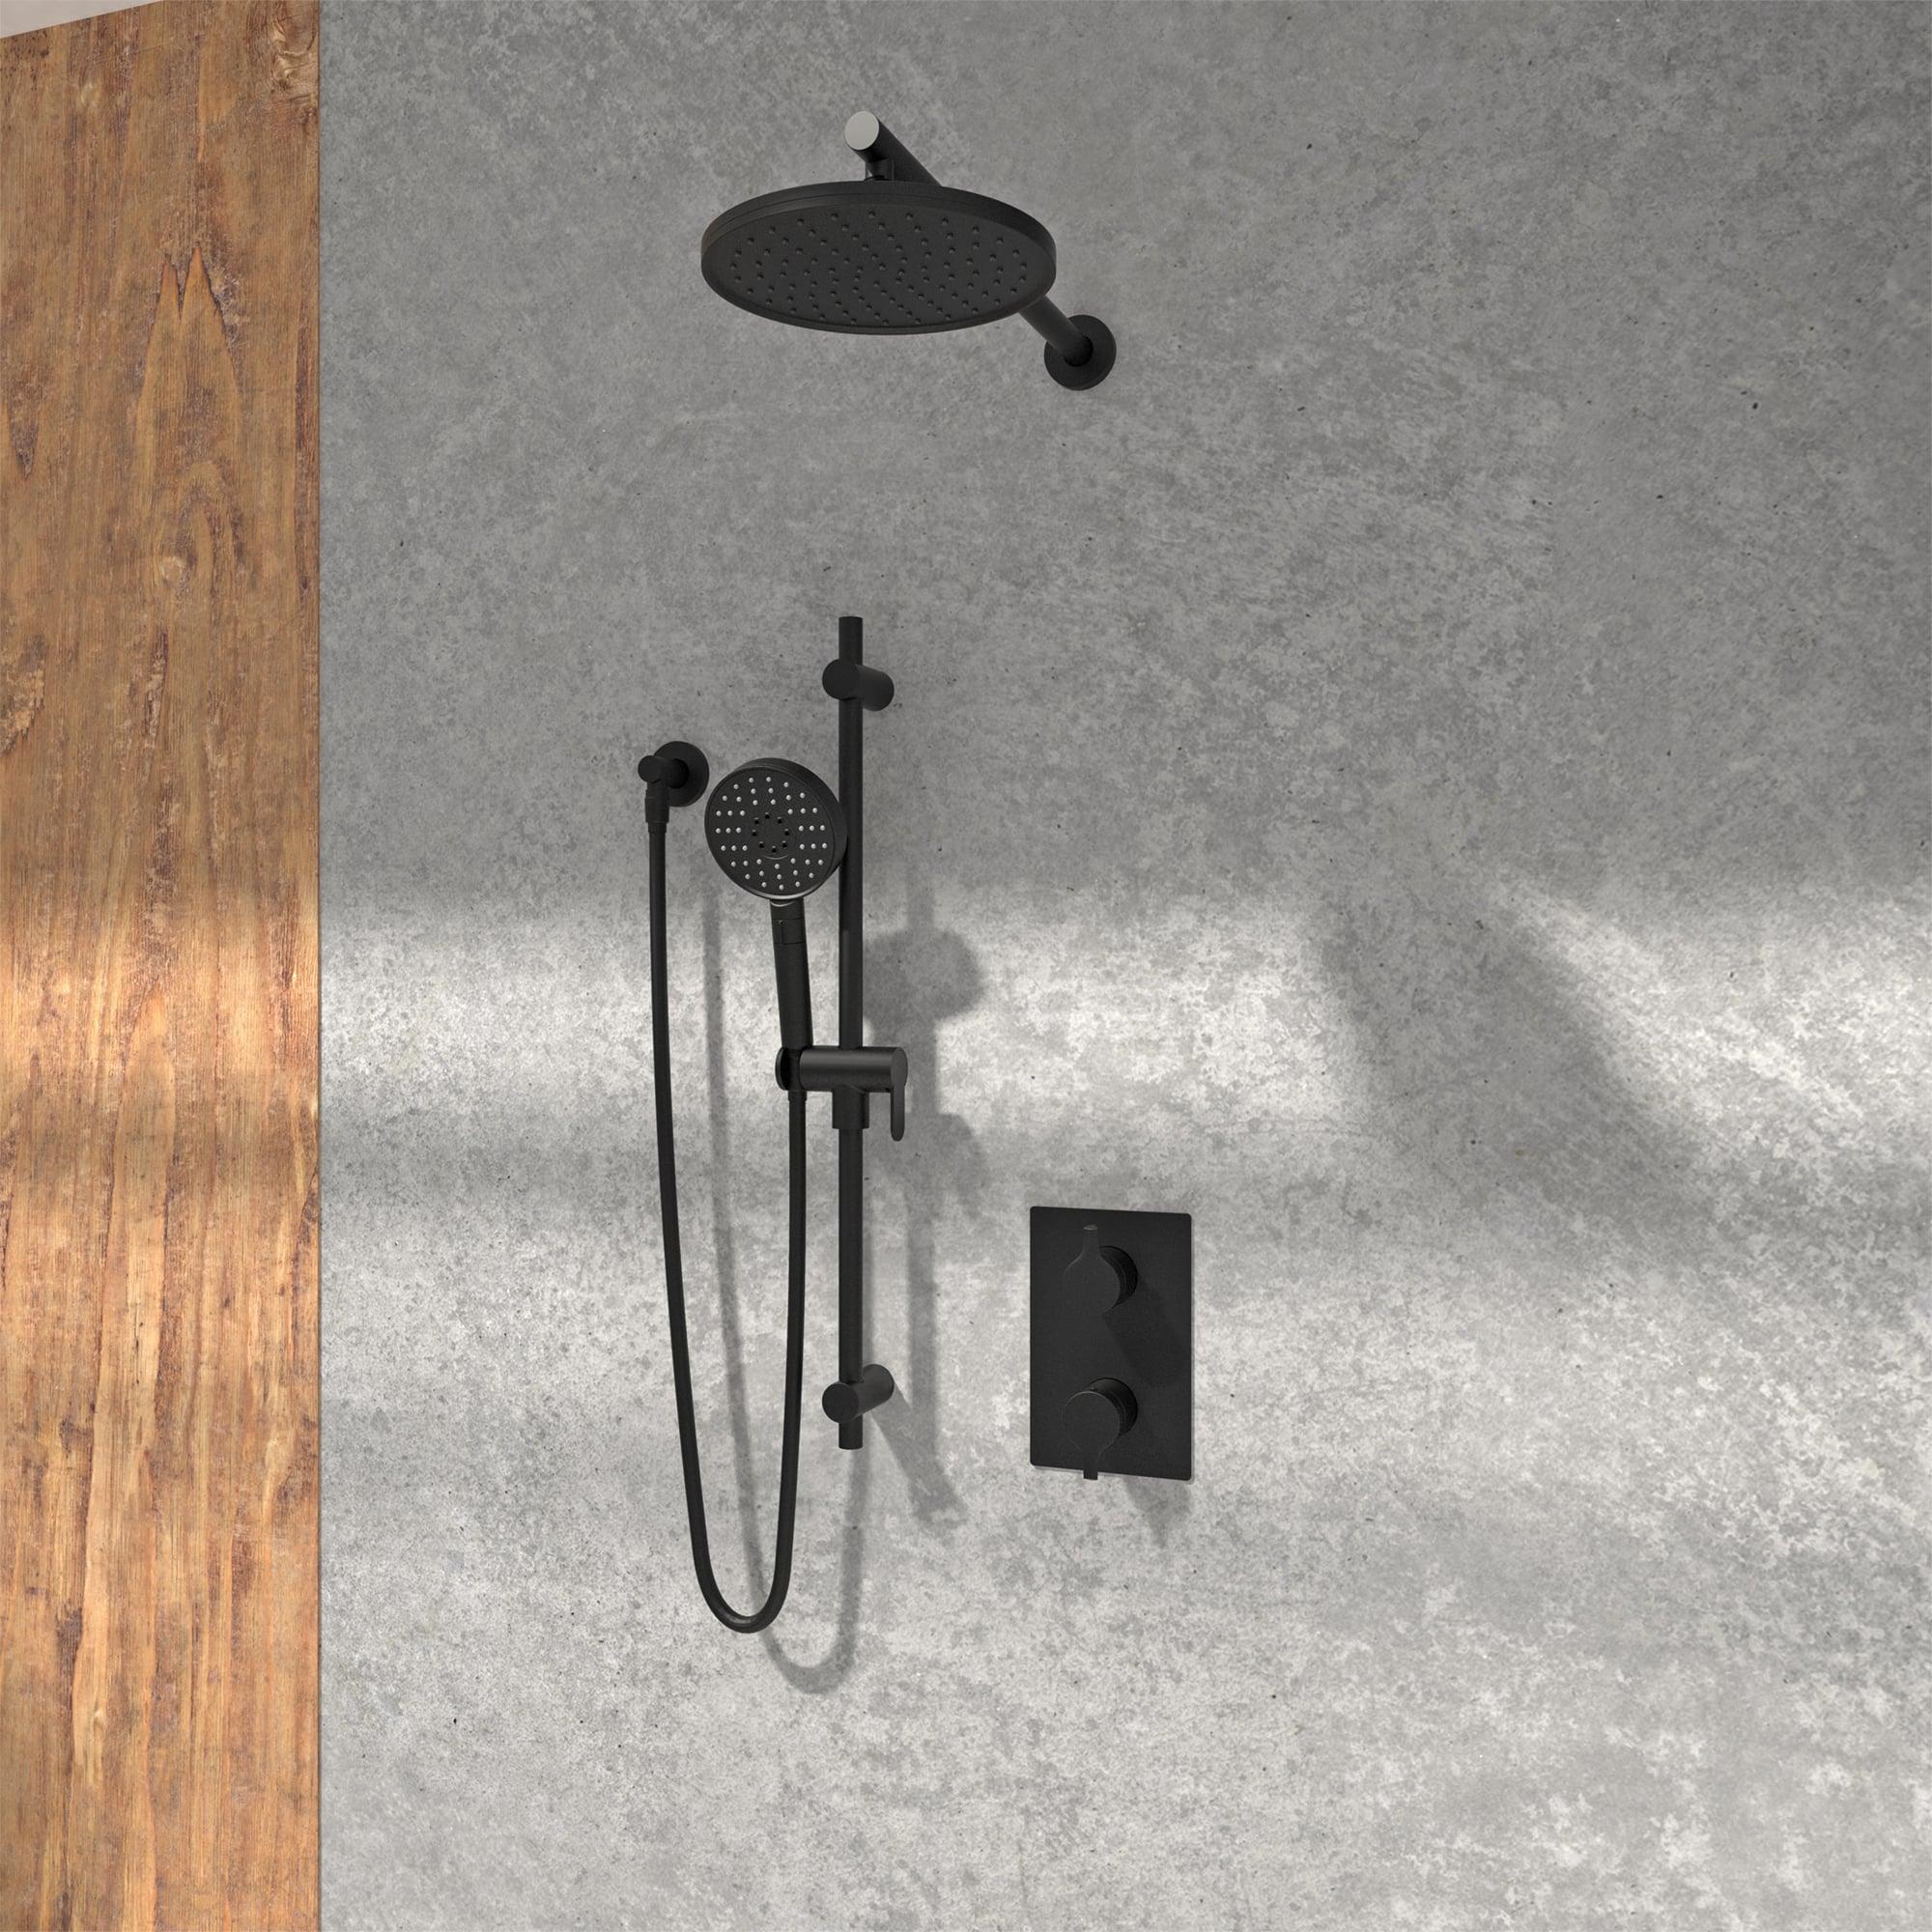 Kit de douche noir mat dans une douche en pierre et un mur en bois